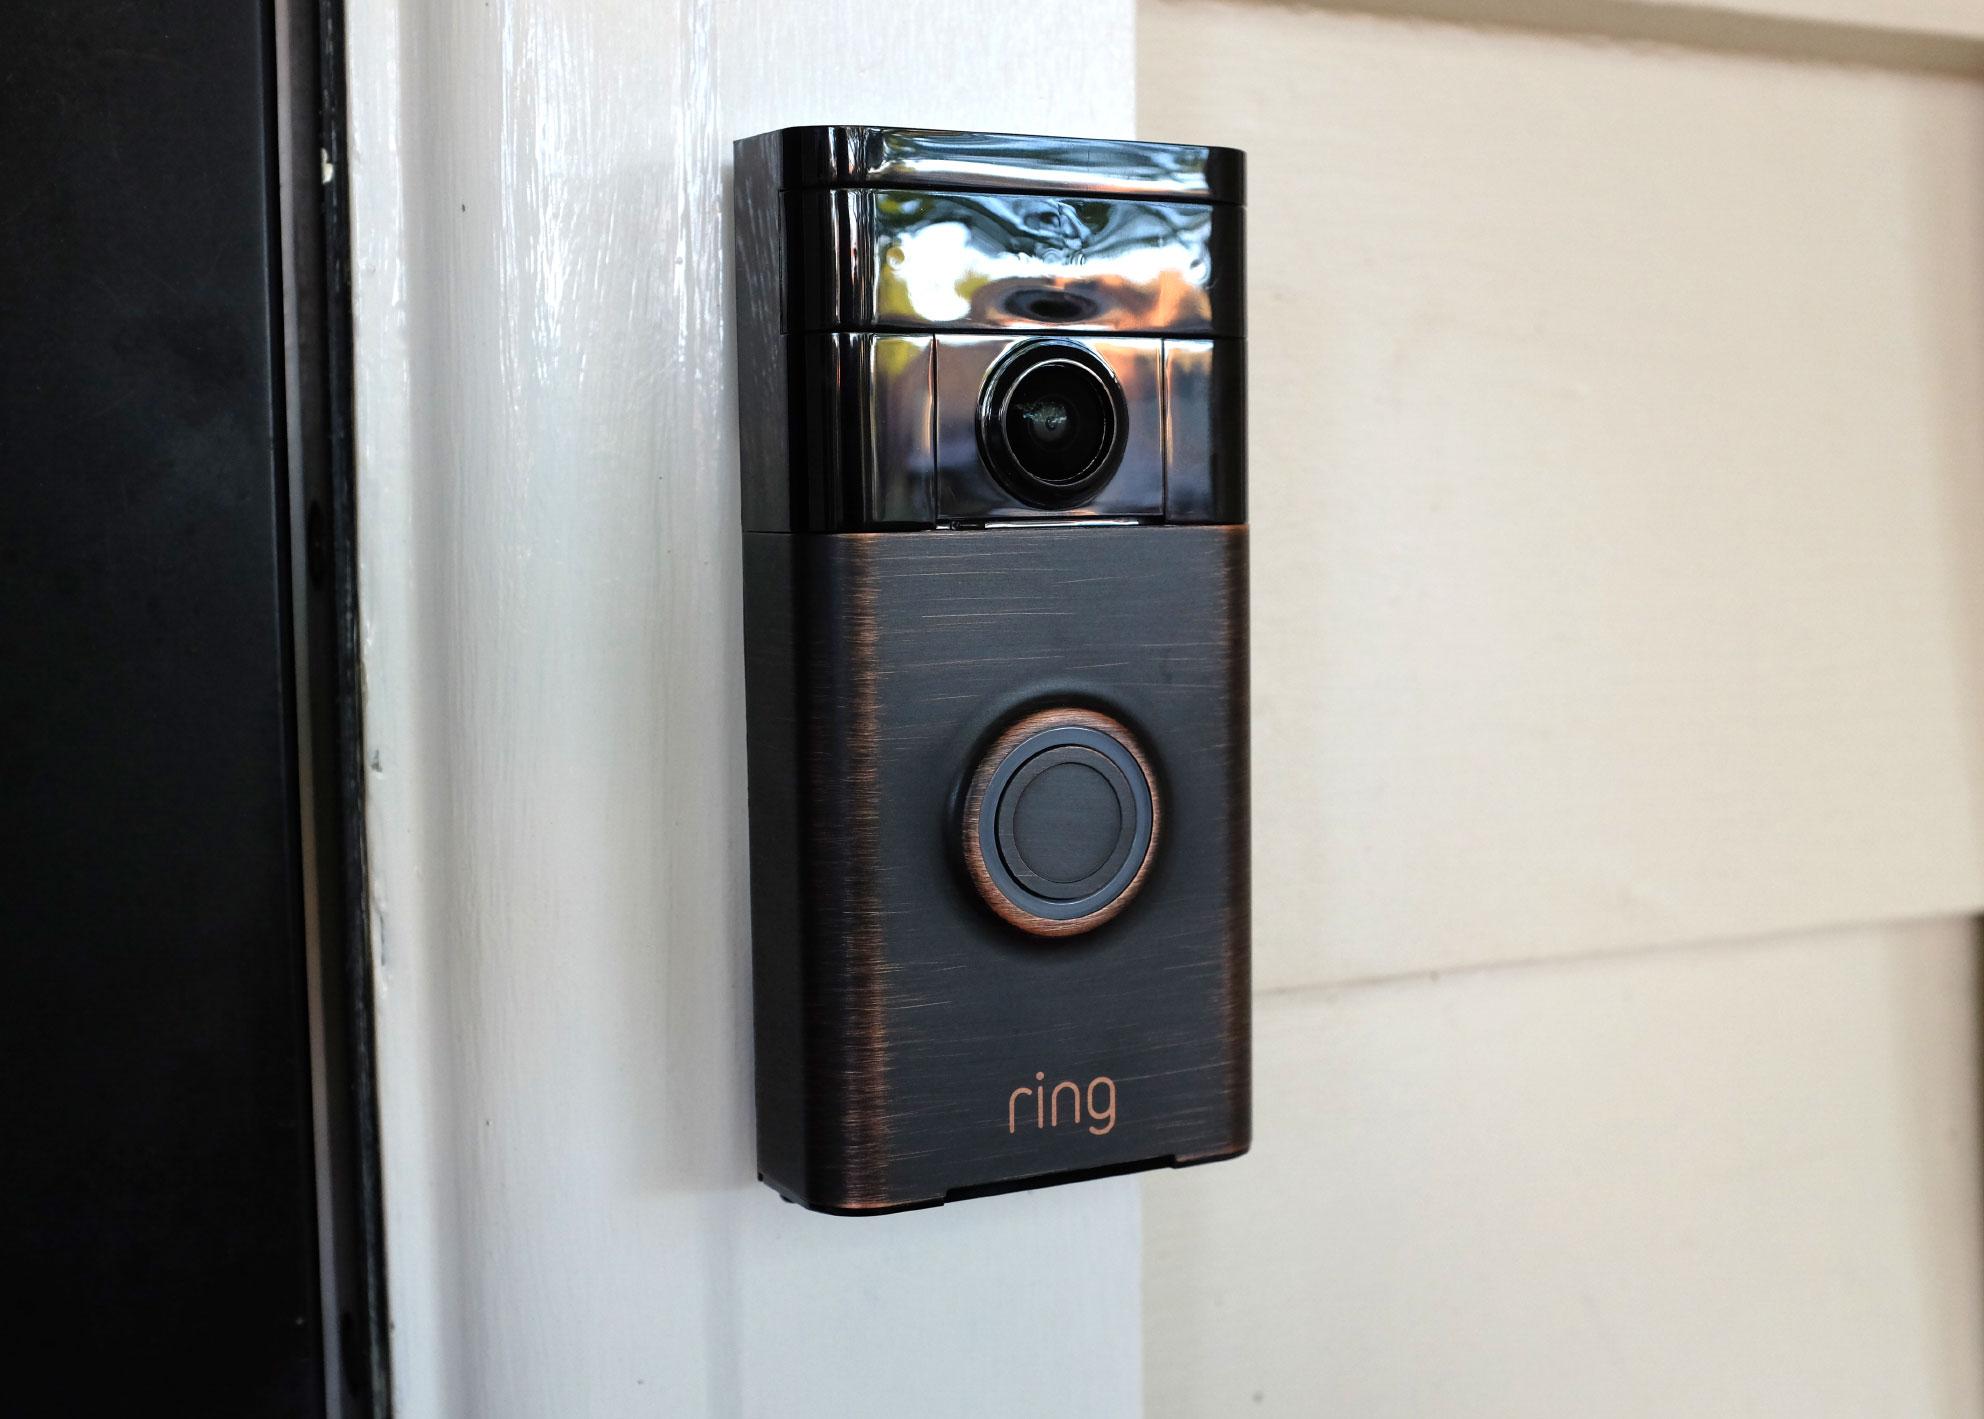 Gadget Review: the Ring Doorbell - always be home - Zinc Moon